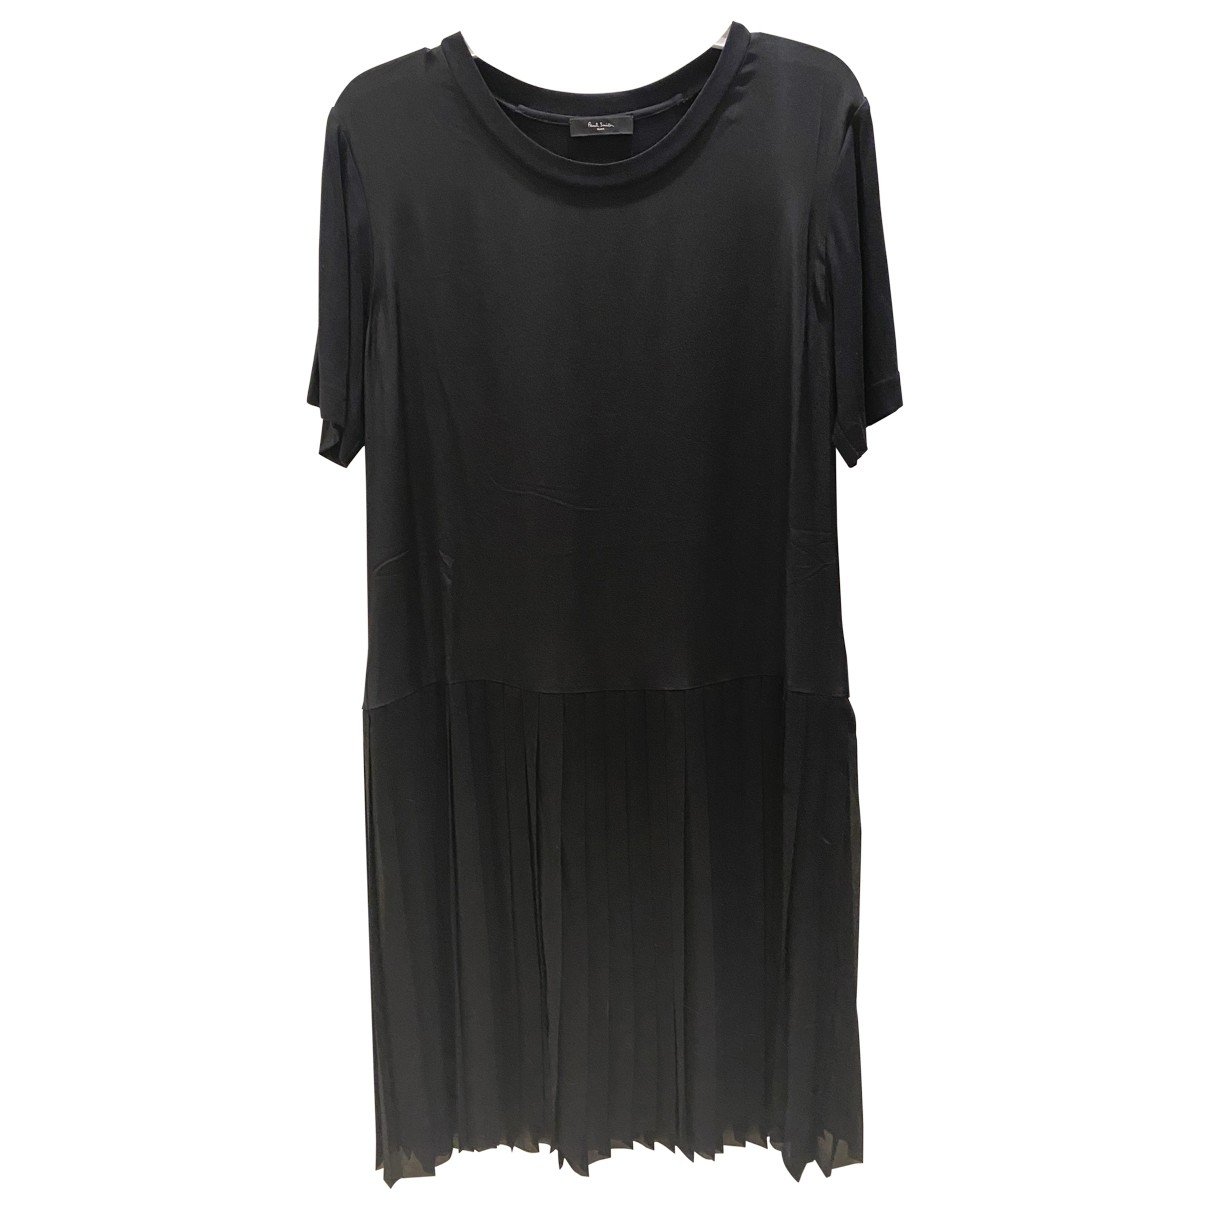 Paul Smith \N Black dress for Women 44 IT